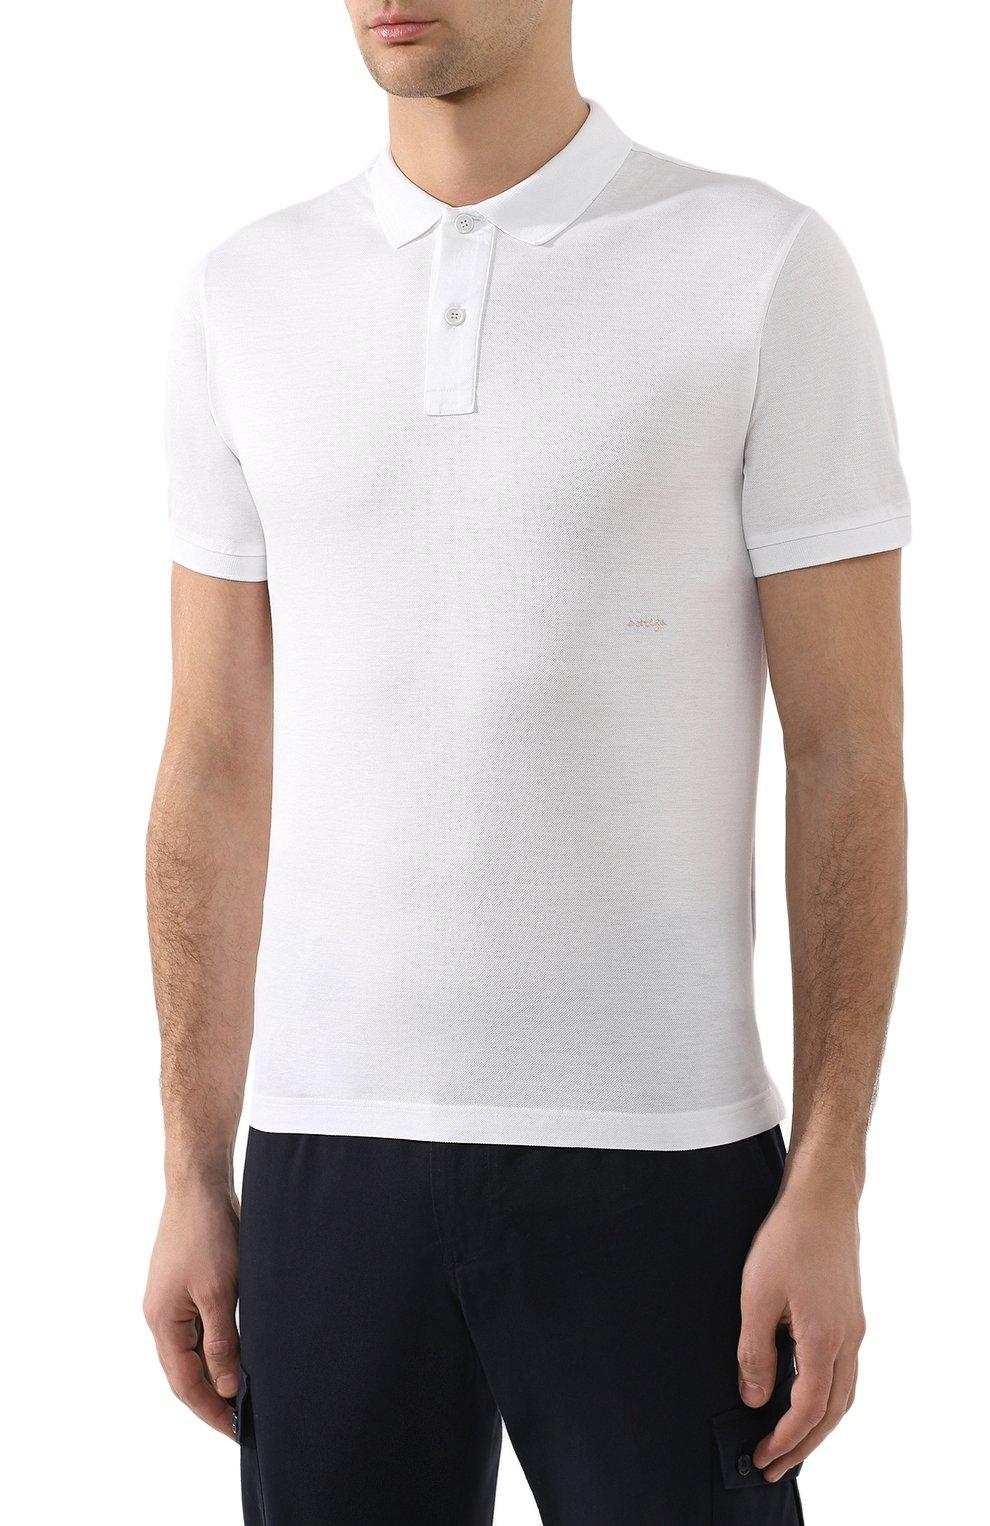 Мужское хлопковое поло BOTTEGA VENETA белого цвета, арт. 599677/VK090   Фото 3 (Застежка: Пуговицы; Рукава: Короткие; Длина (для топов): Стандартные; Материал внешний: Хлопок)